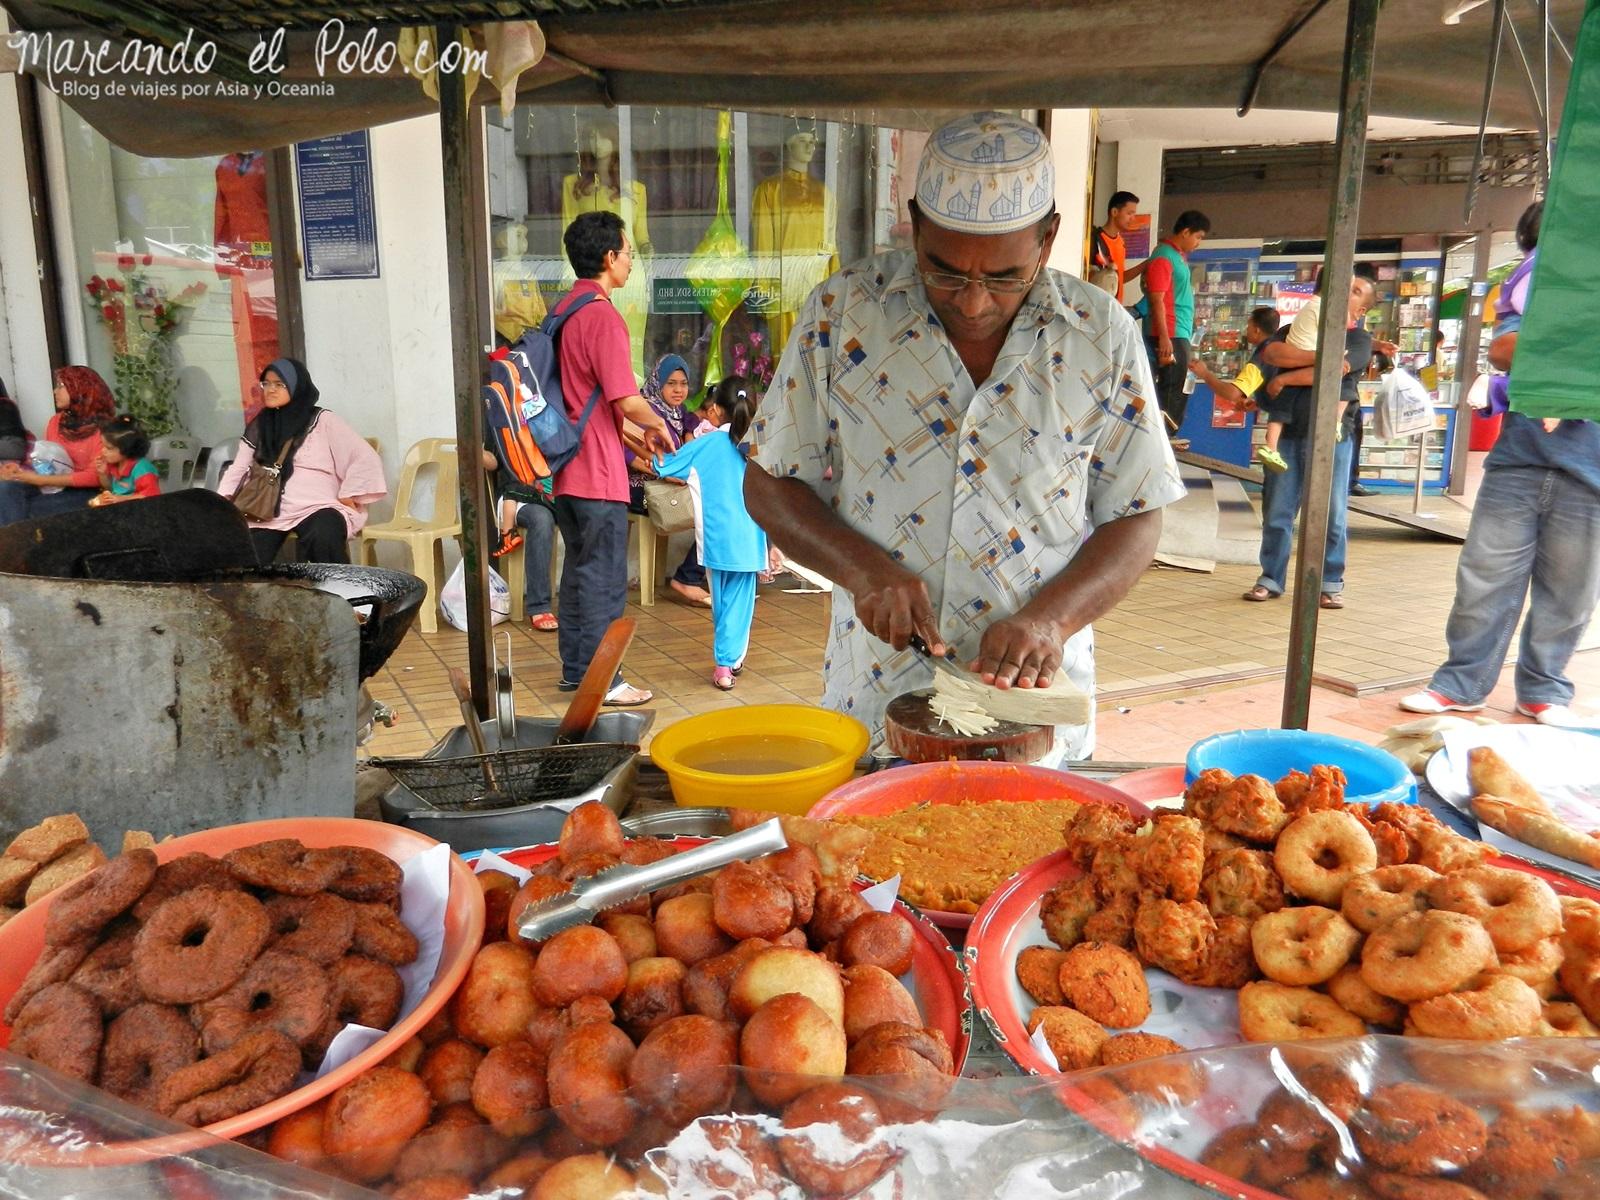 No te preocupes por pasar hambre en Malasia... siempre vas a estar cerca de un puestito de fritangas como este